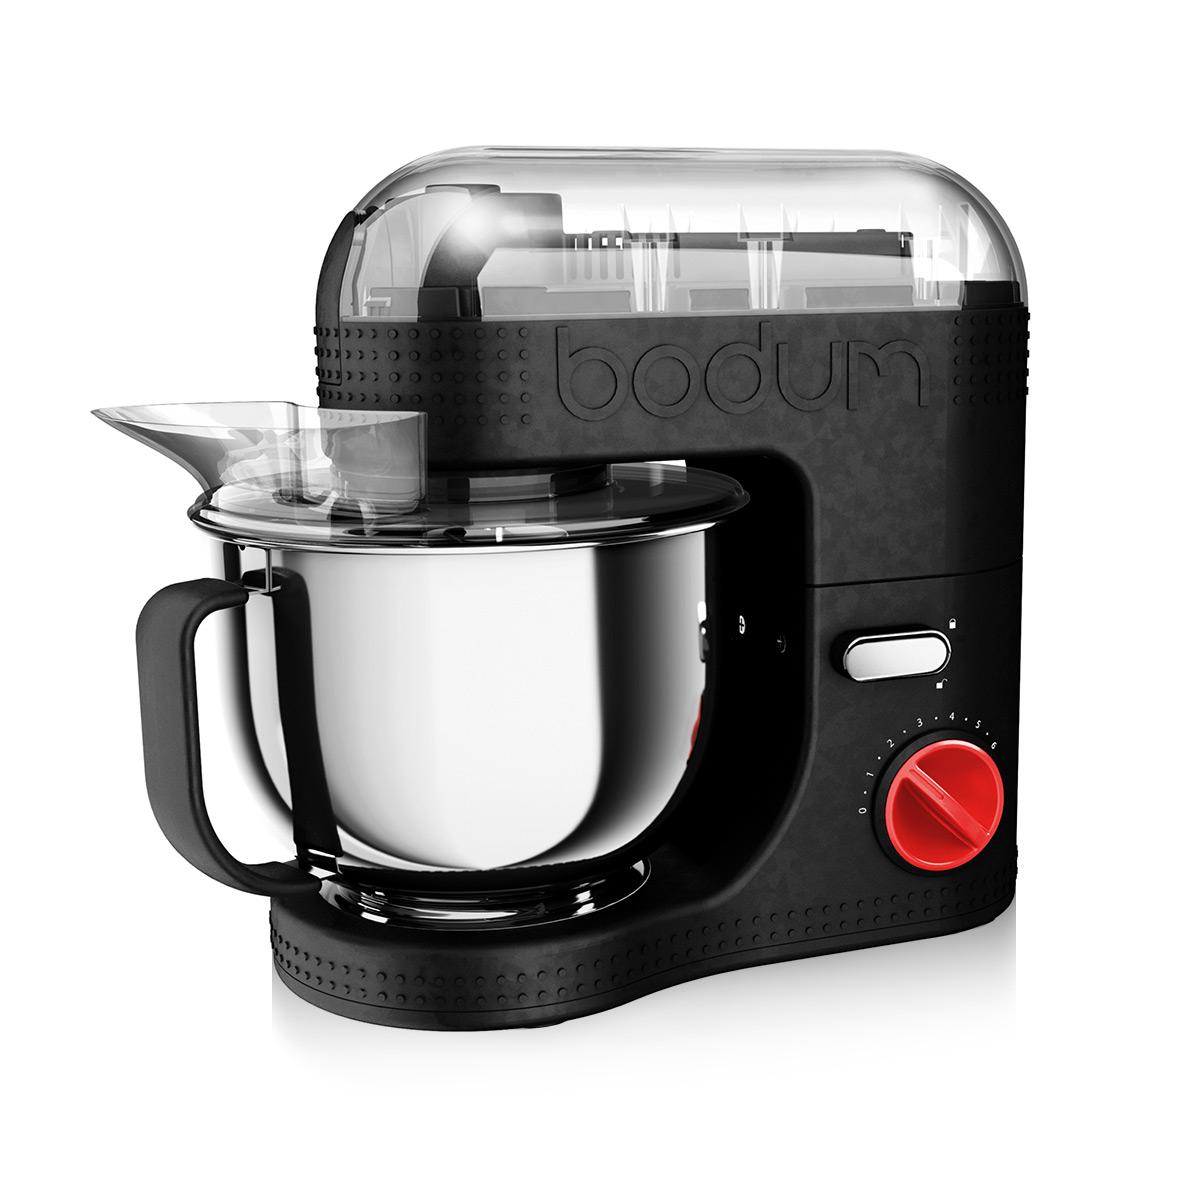 BISTRO: Robot de cuisine électrique, 700 W, bol inox 4.7 l